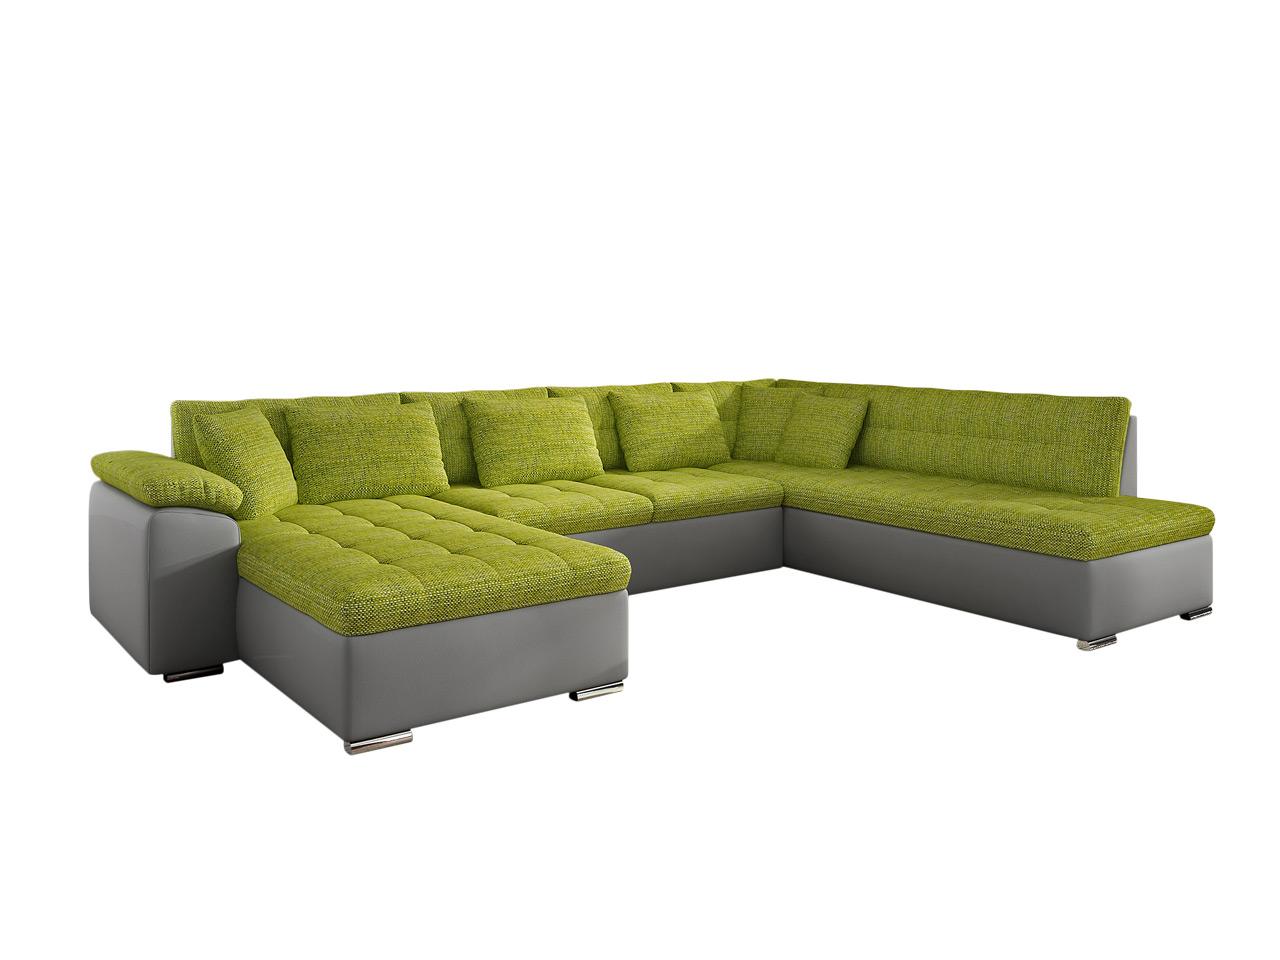 Leder ecksofa zu verschenken inspirierendes for Sofa zu verschenken